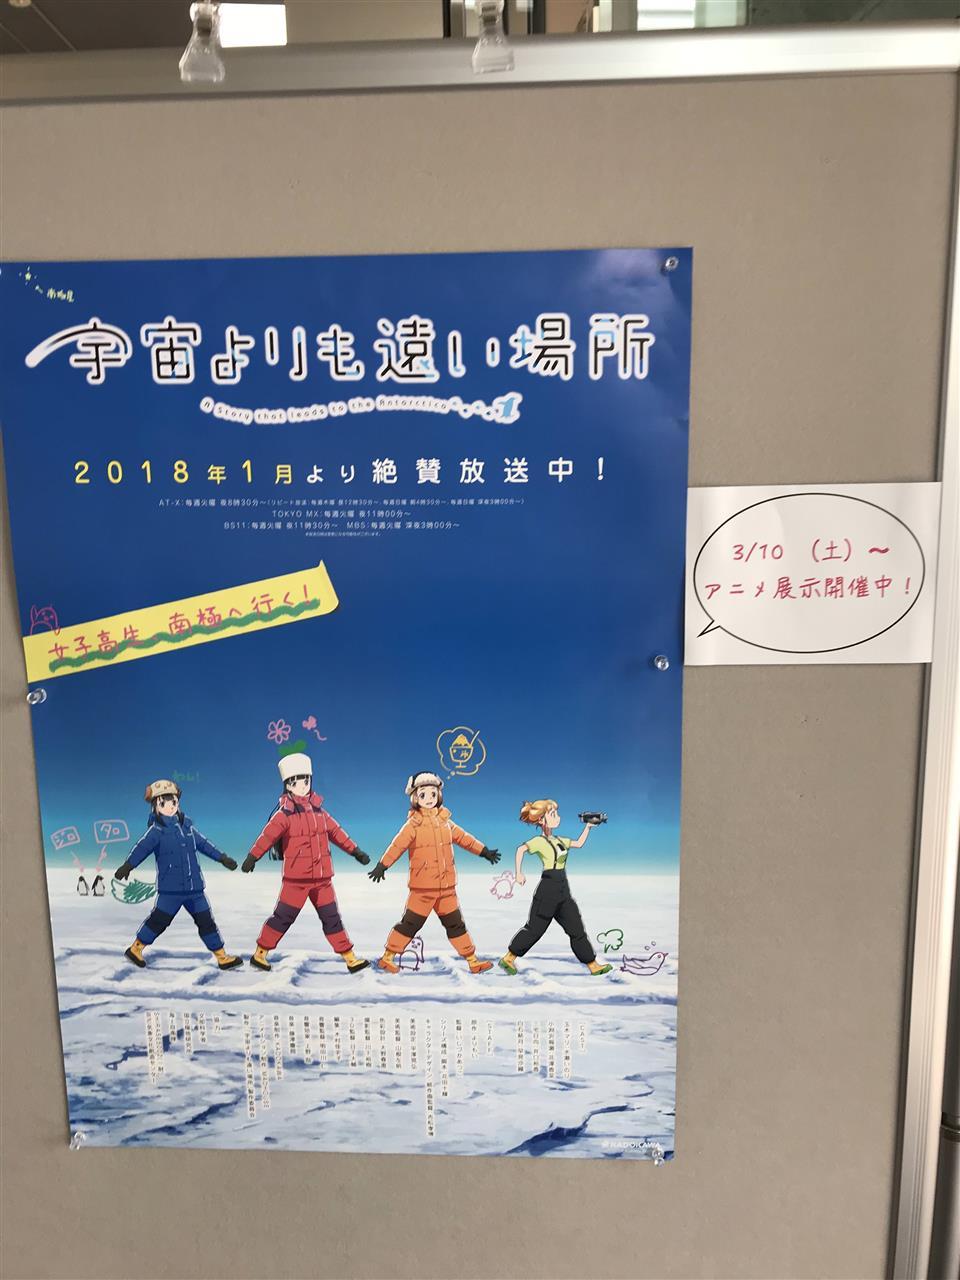 国立極地研究所 南極・北極科学館 よりもい(宇宙よりも遠い場所)アニメ展示開催中!